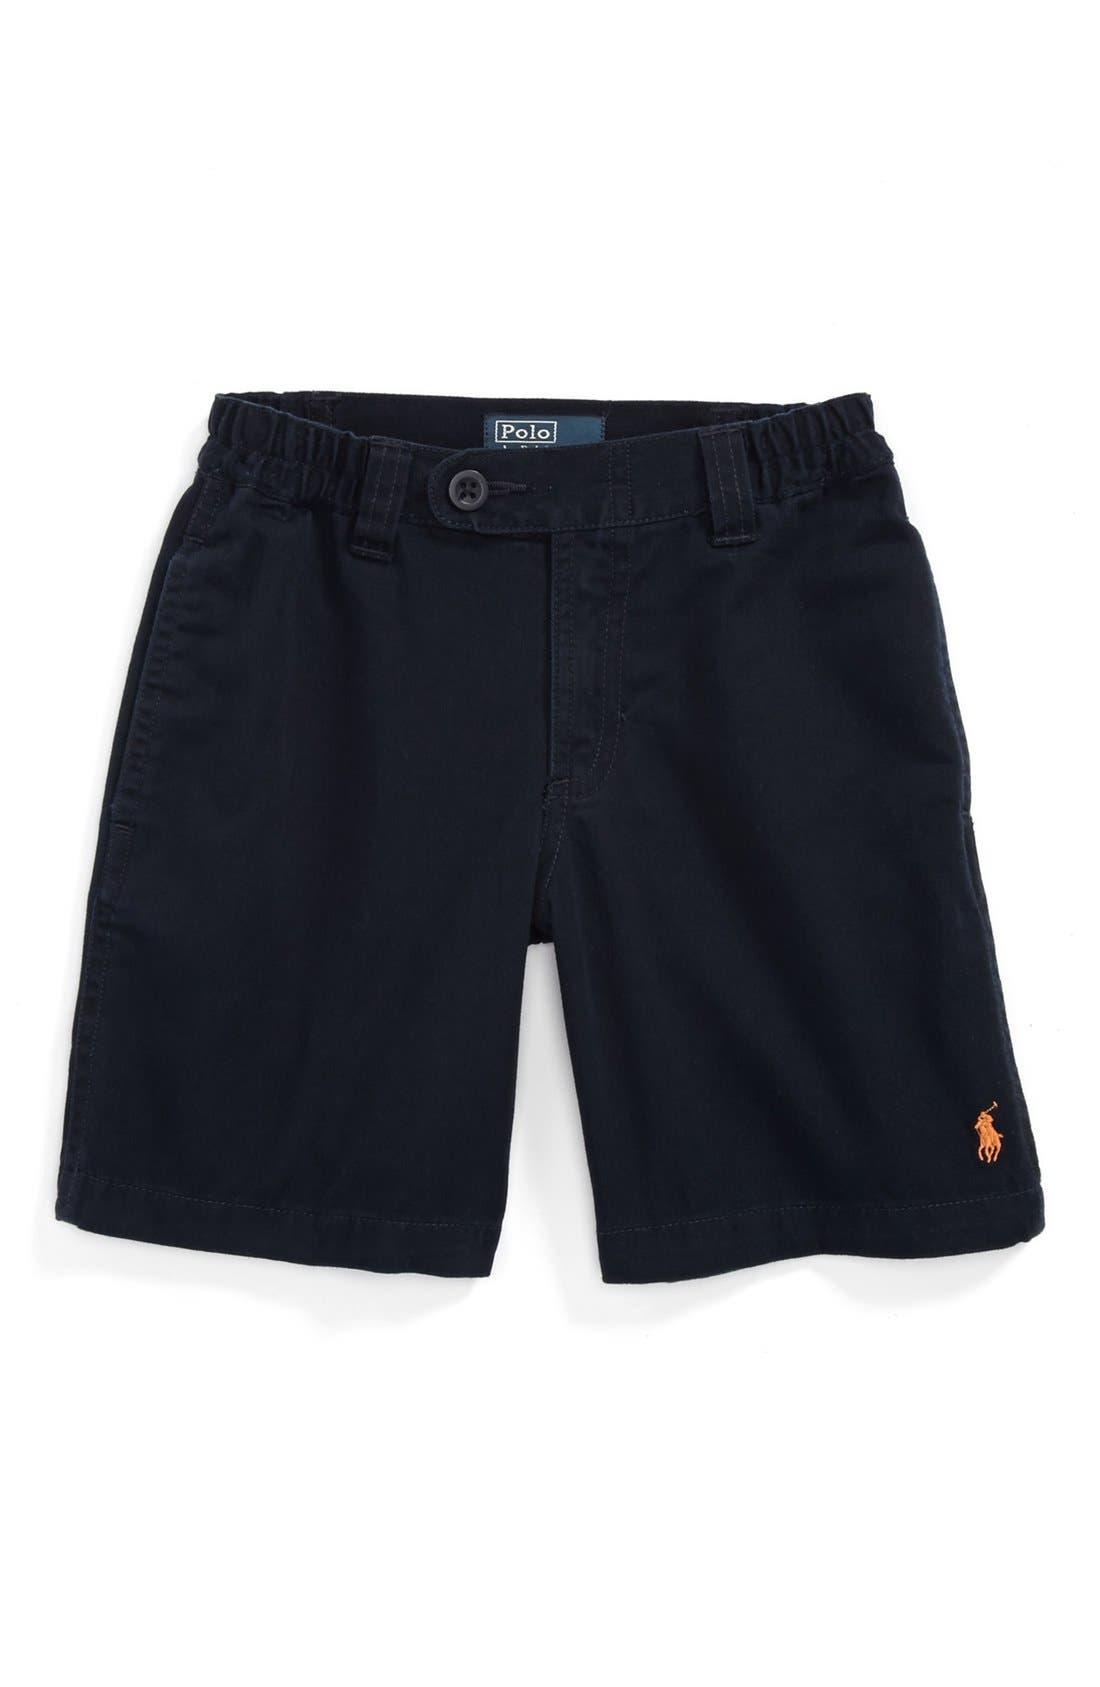 Alternate Image 1 Selected - Ralph Lauren 'Prospect' Shorts (Toddler Boys)